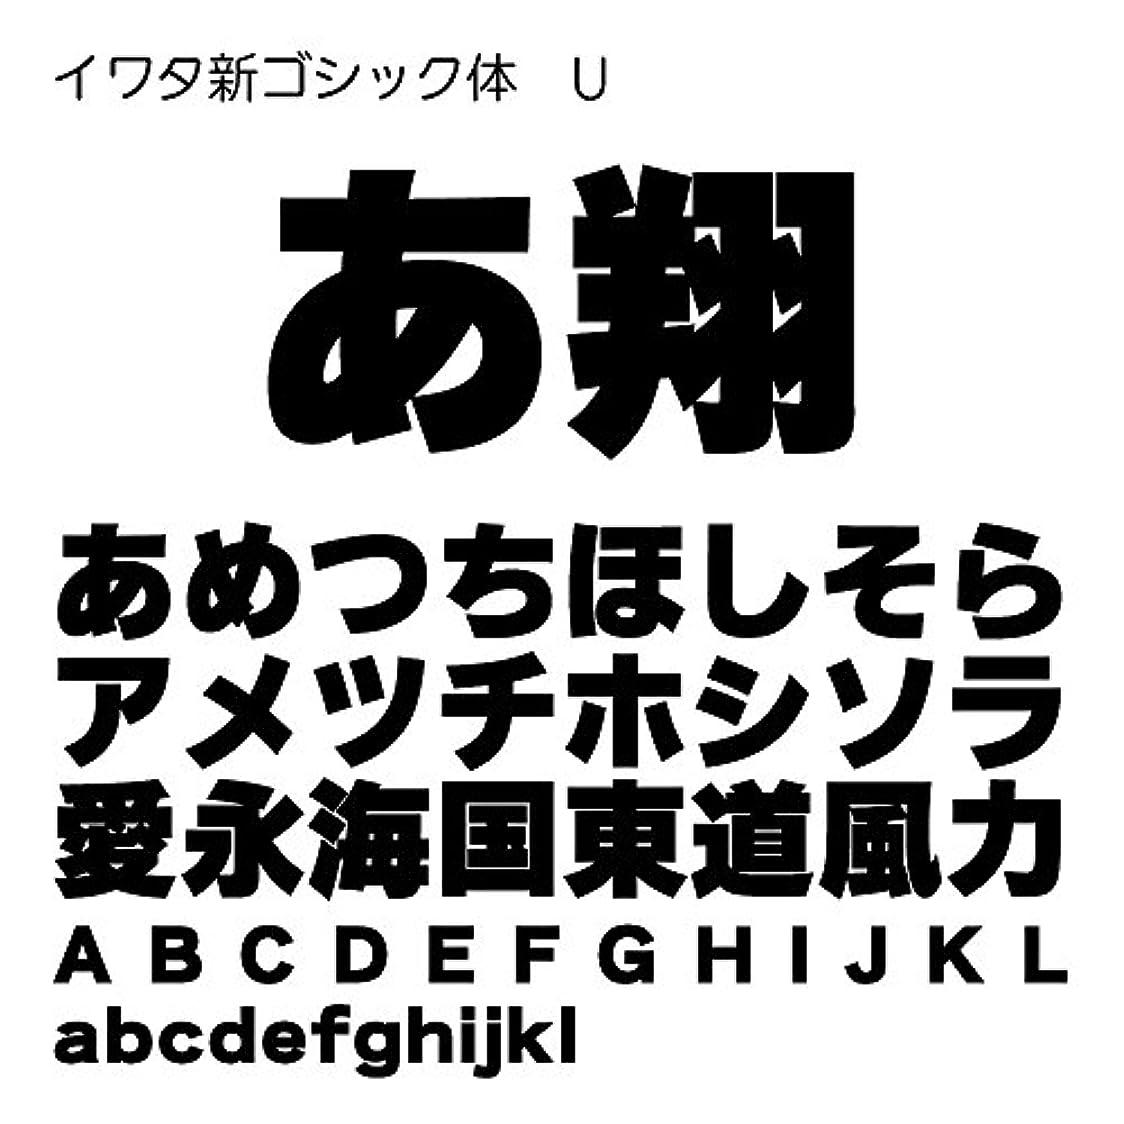 思いやりのある日帰り旅行にエイズイワタ新ゴシック体U Pro OpenType Font for Windows [ダウンロード]